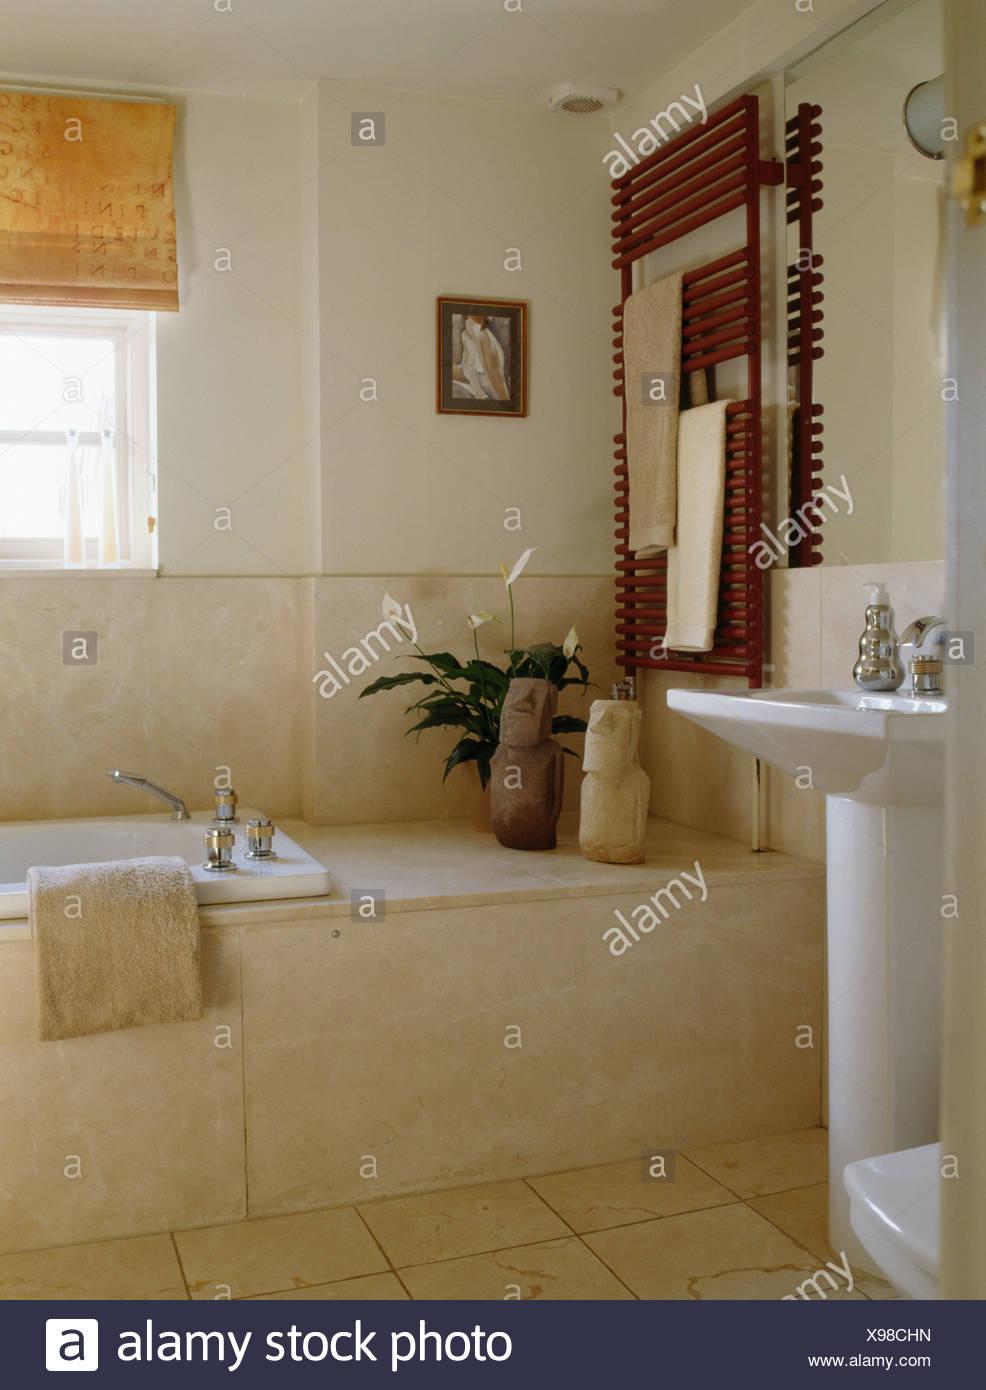 Wandfliesen Bad Im Badezimmer Die Fliesen Streichen Tipps